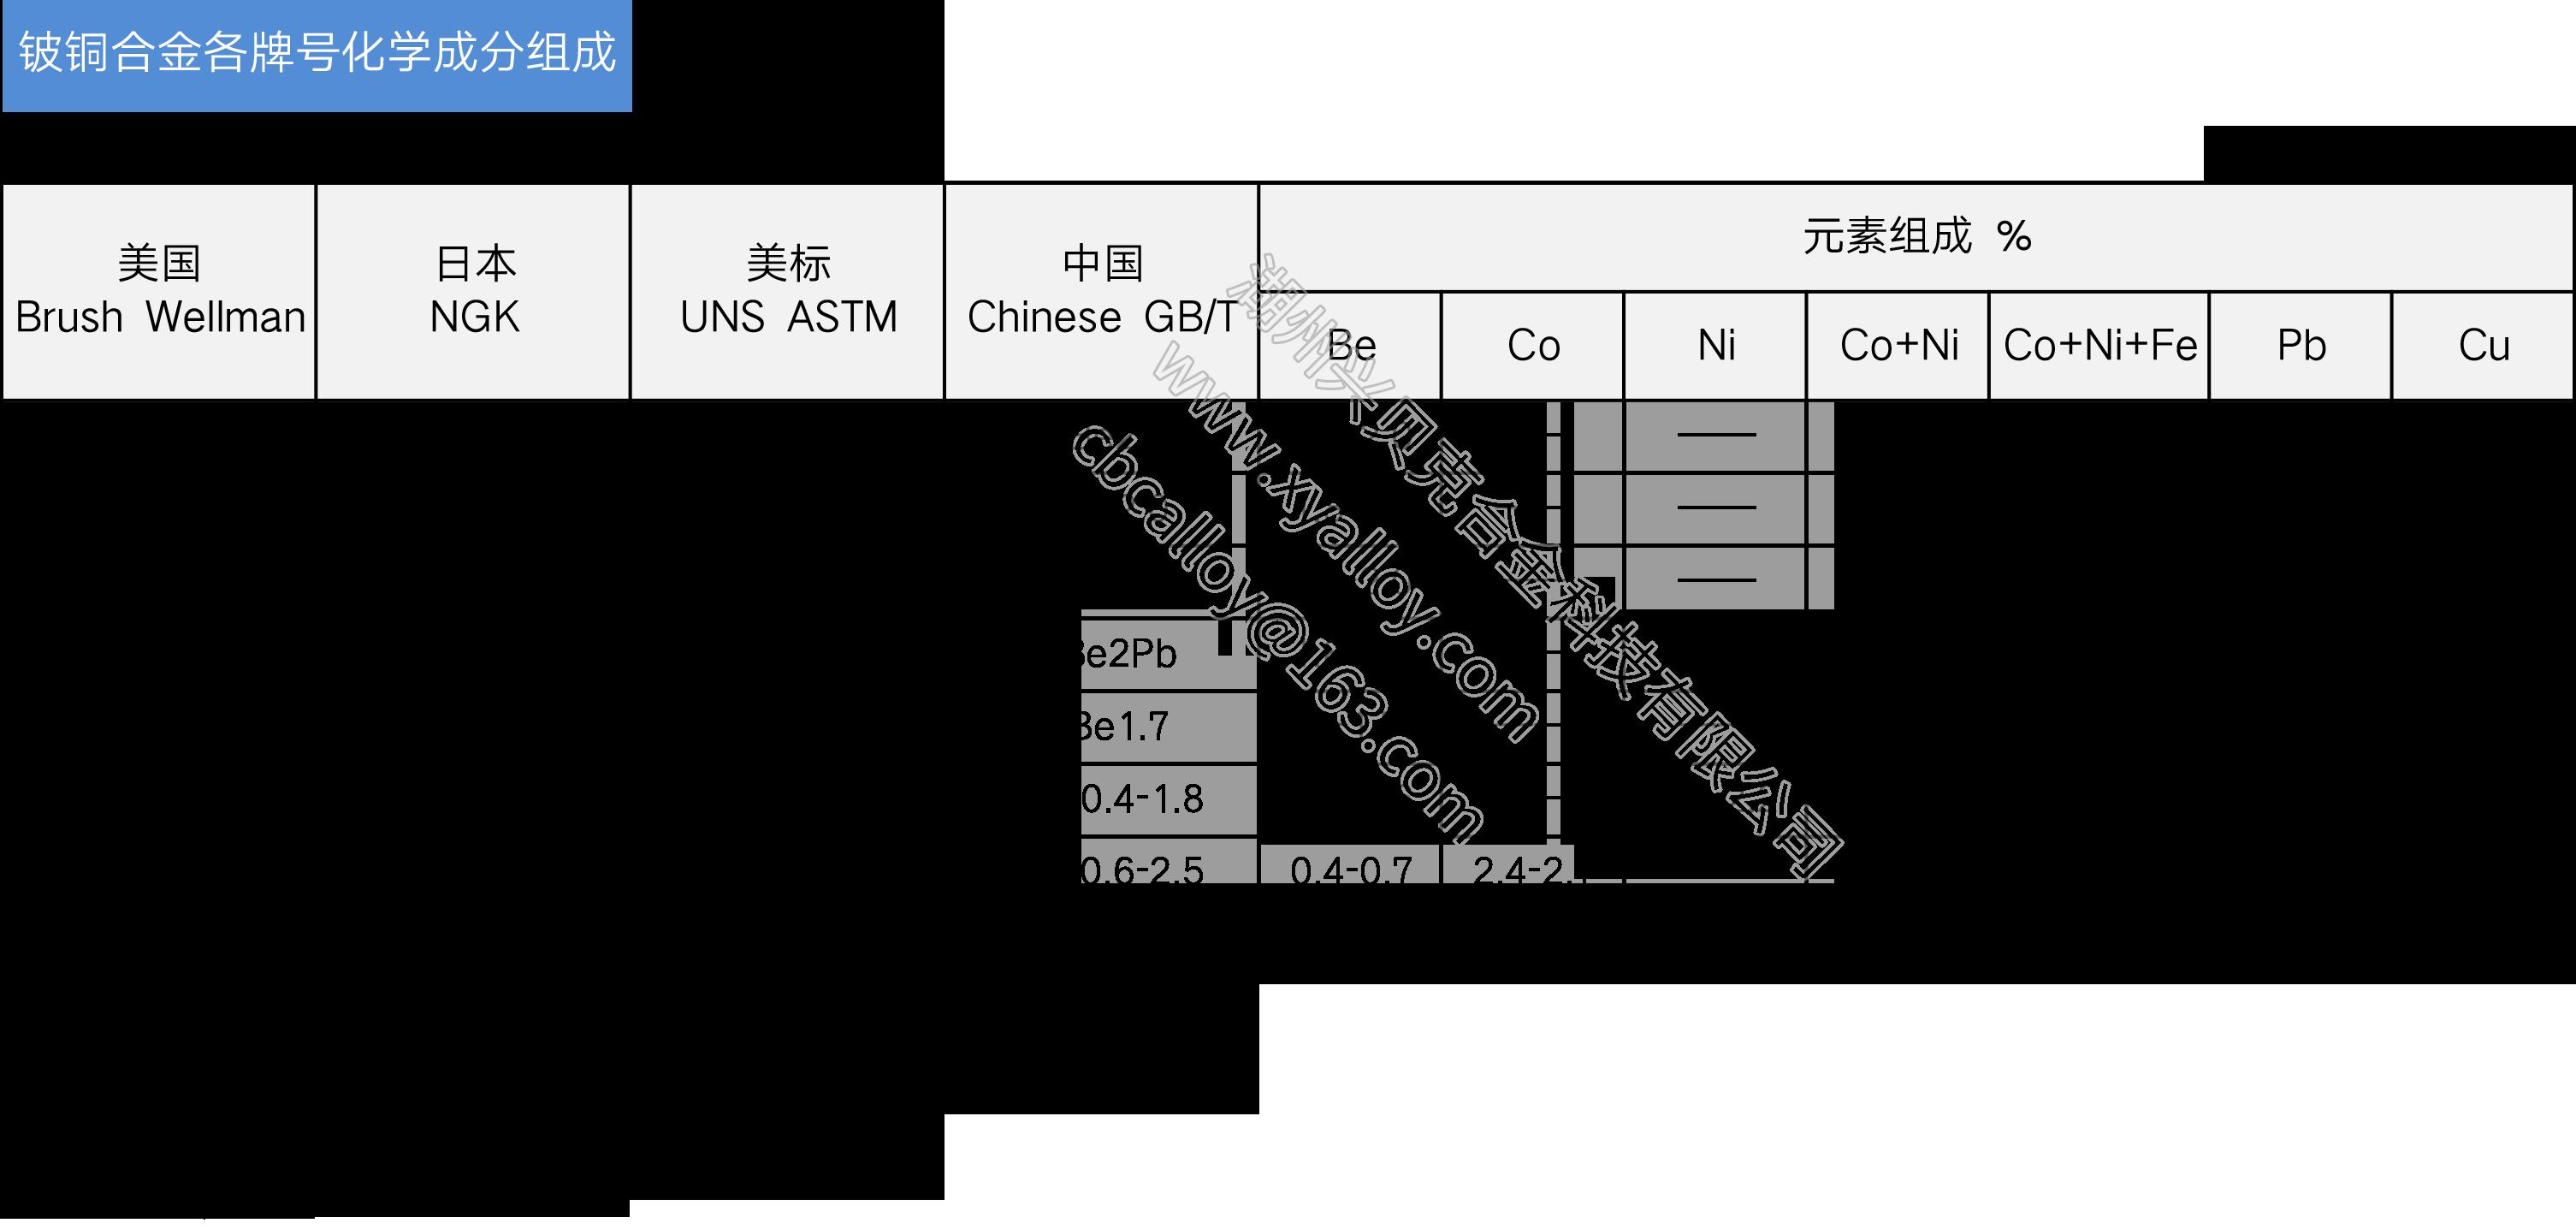 鈹銅化學成分